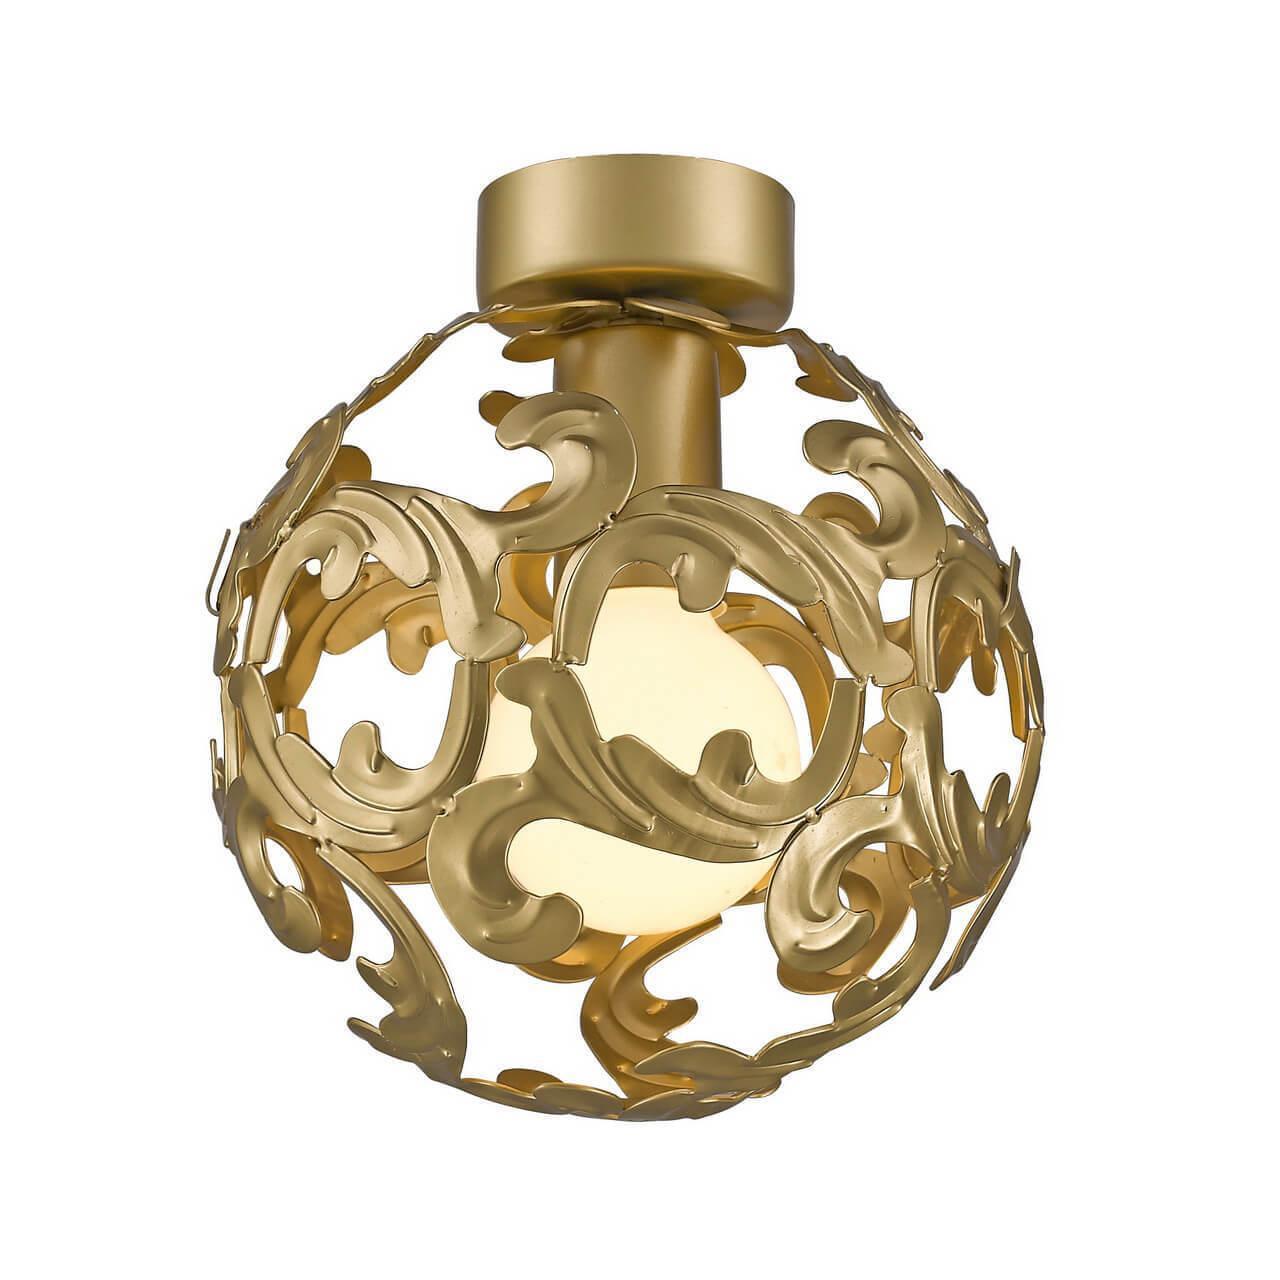 цена на Накладной светильник Favourite 1469-1U, E27, 60 Вт